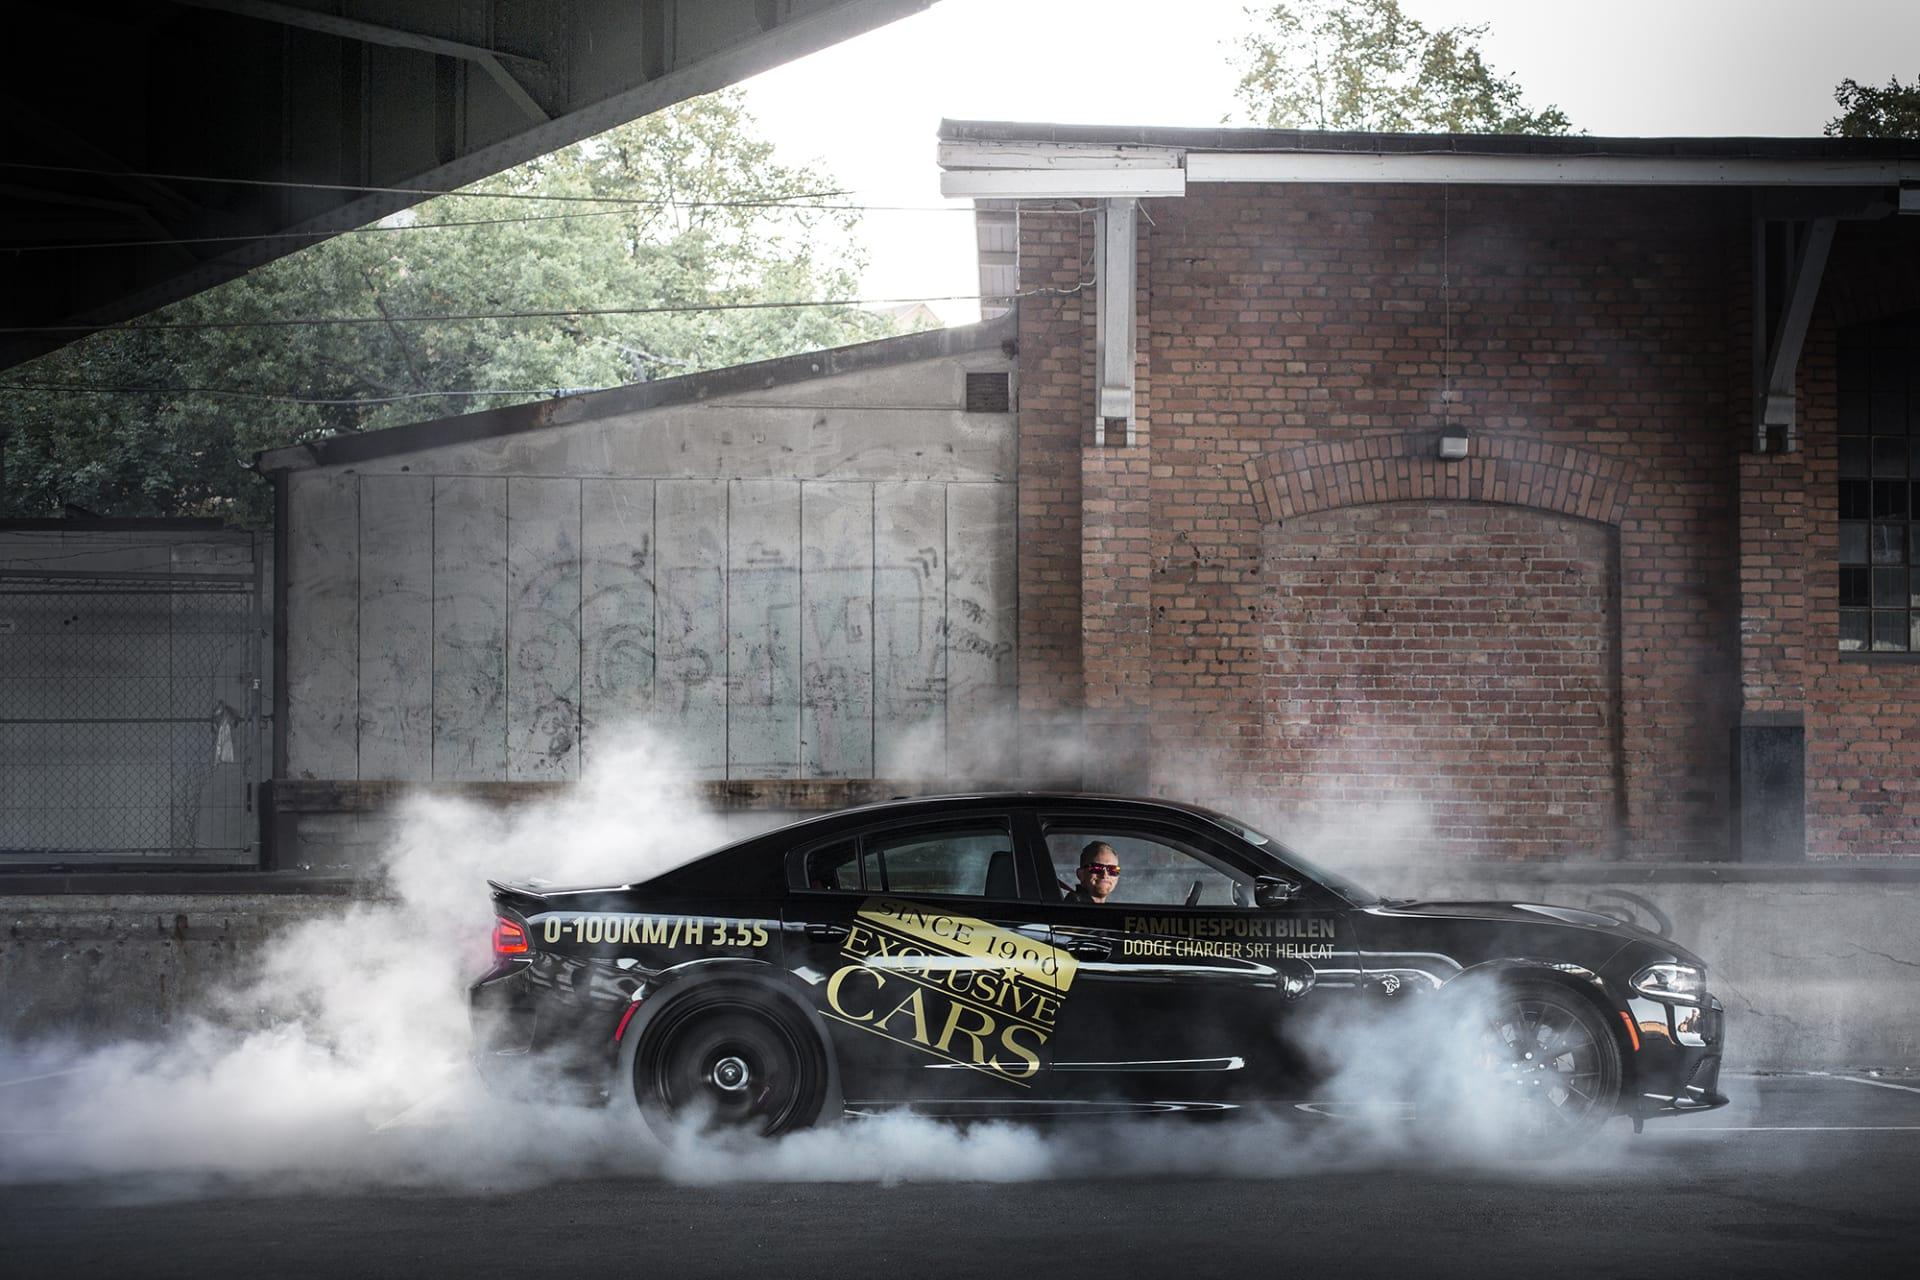 Att undvika att göra bunrouts med en Dodge Charger Hellcat är så gott som omöjligt. Med sina 717 hästkrafter och bakhjulsdrift ligger ett stort rökmoln konstant bakom denna amerikanska muskelbil.